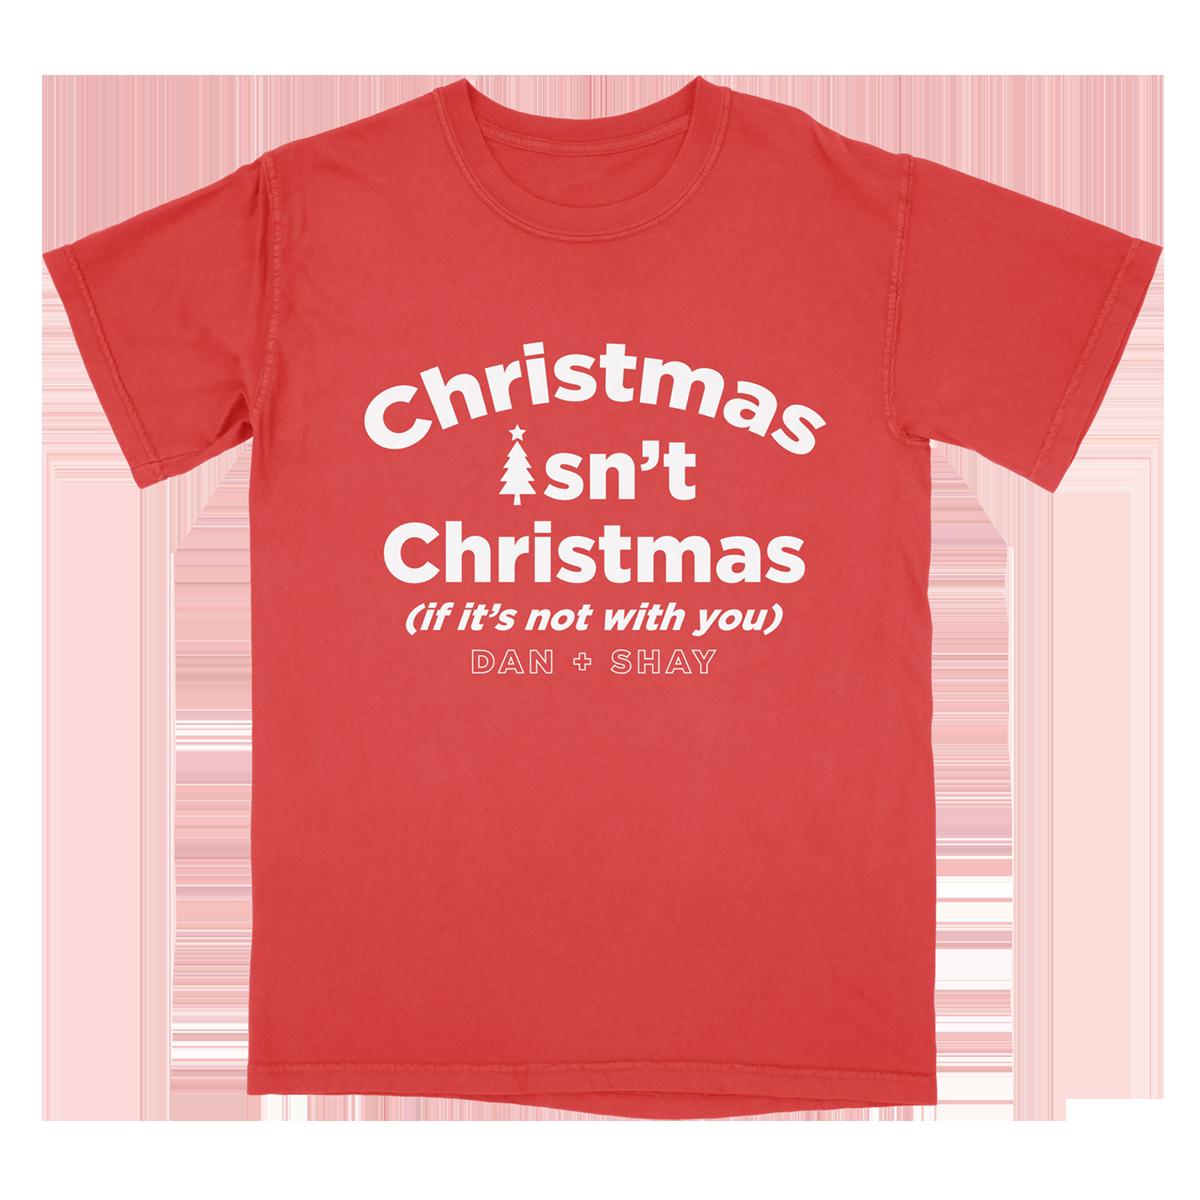 Christmas Isn't Christmas Red T-Shirt